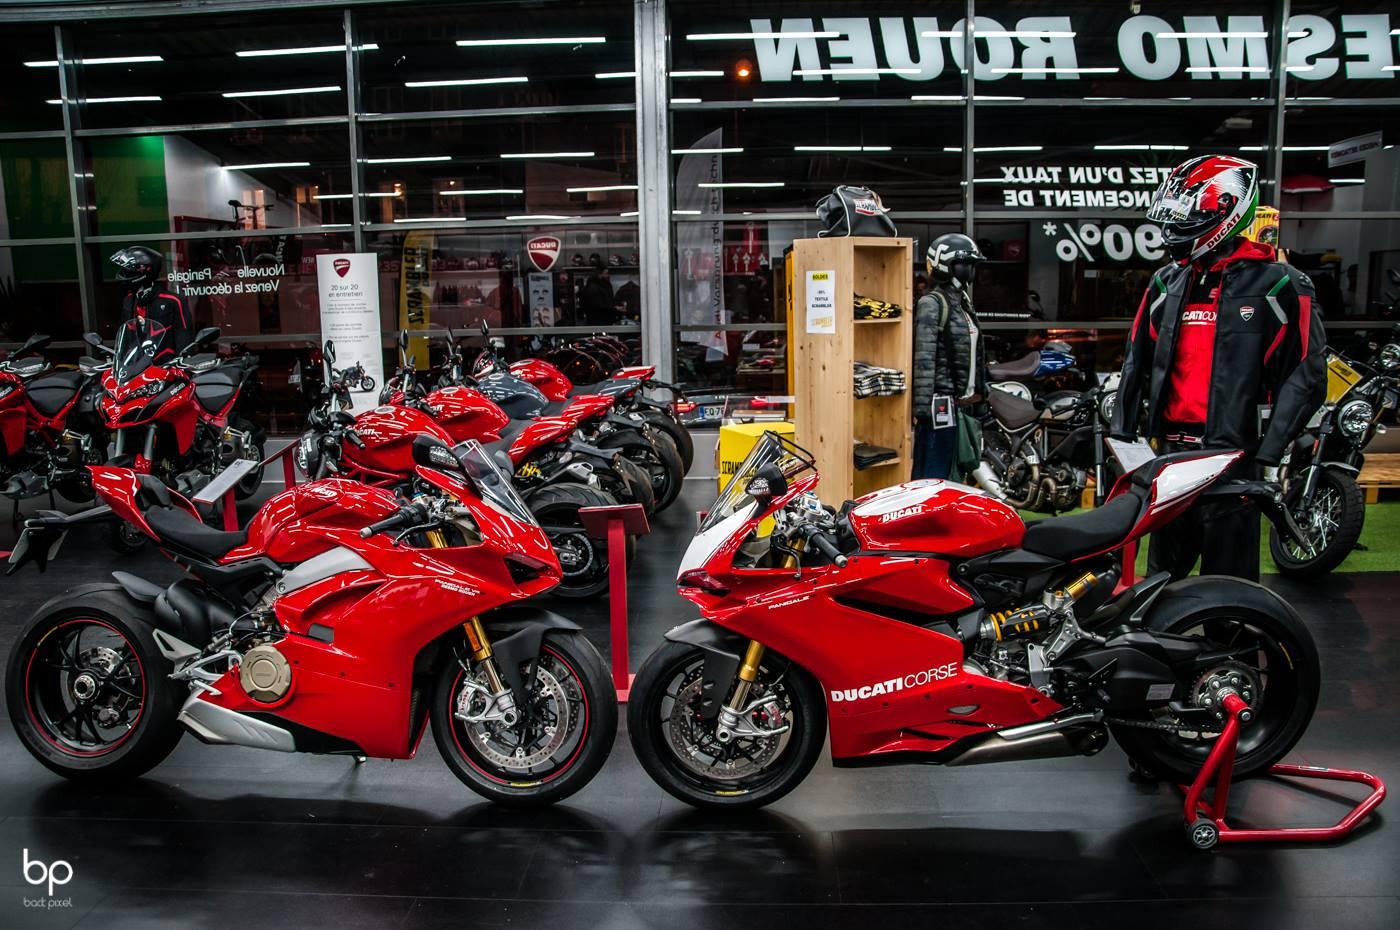 Une bien belle soirée Chez Desmo Rouen pour la présentation de la Ducati Panigale R ( 1198 cc et ses 196ch ) Ainsi que la Panigale V4 S (1103 cc et ses 214ch )